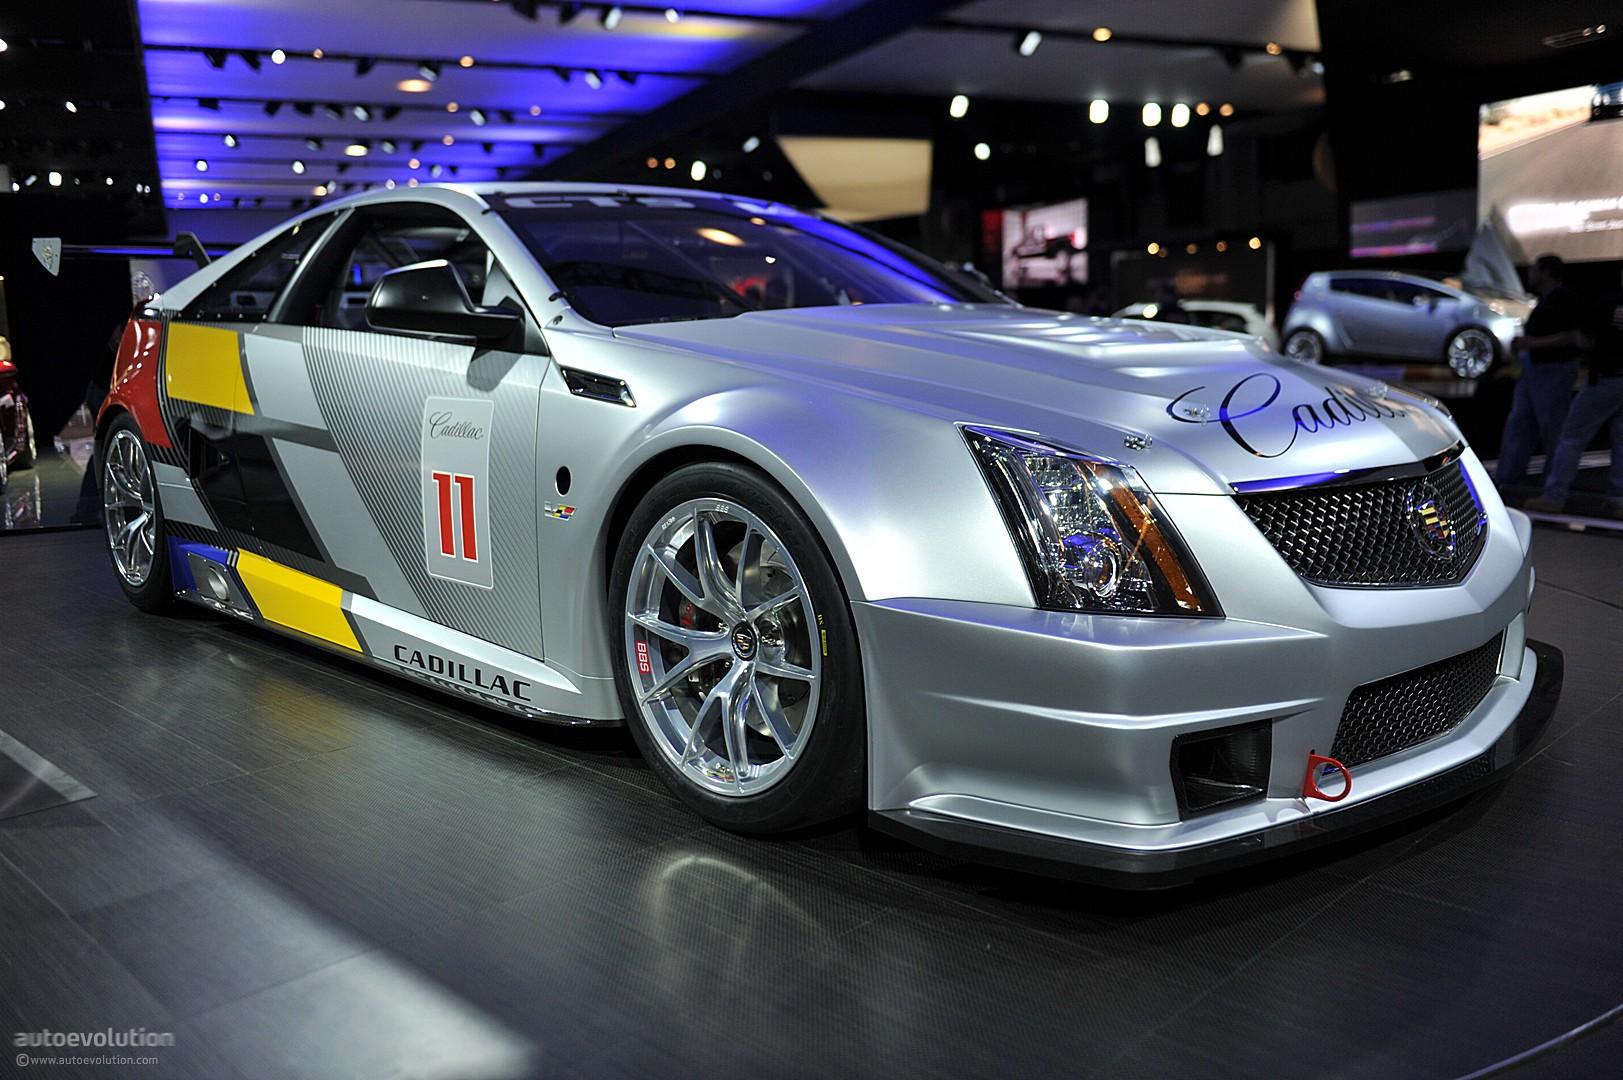 Cadillac Cts V Used >> NYIAS 2011: Cadillac CTS-V Race Car [Live Photos] - autoevolution